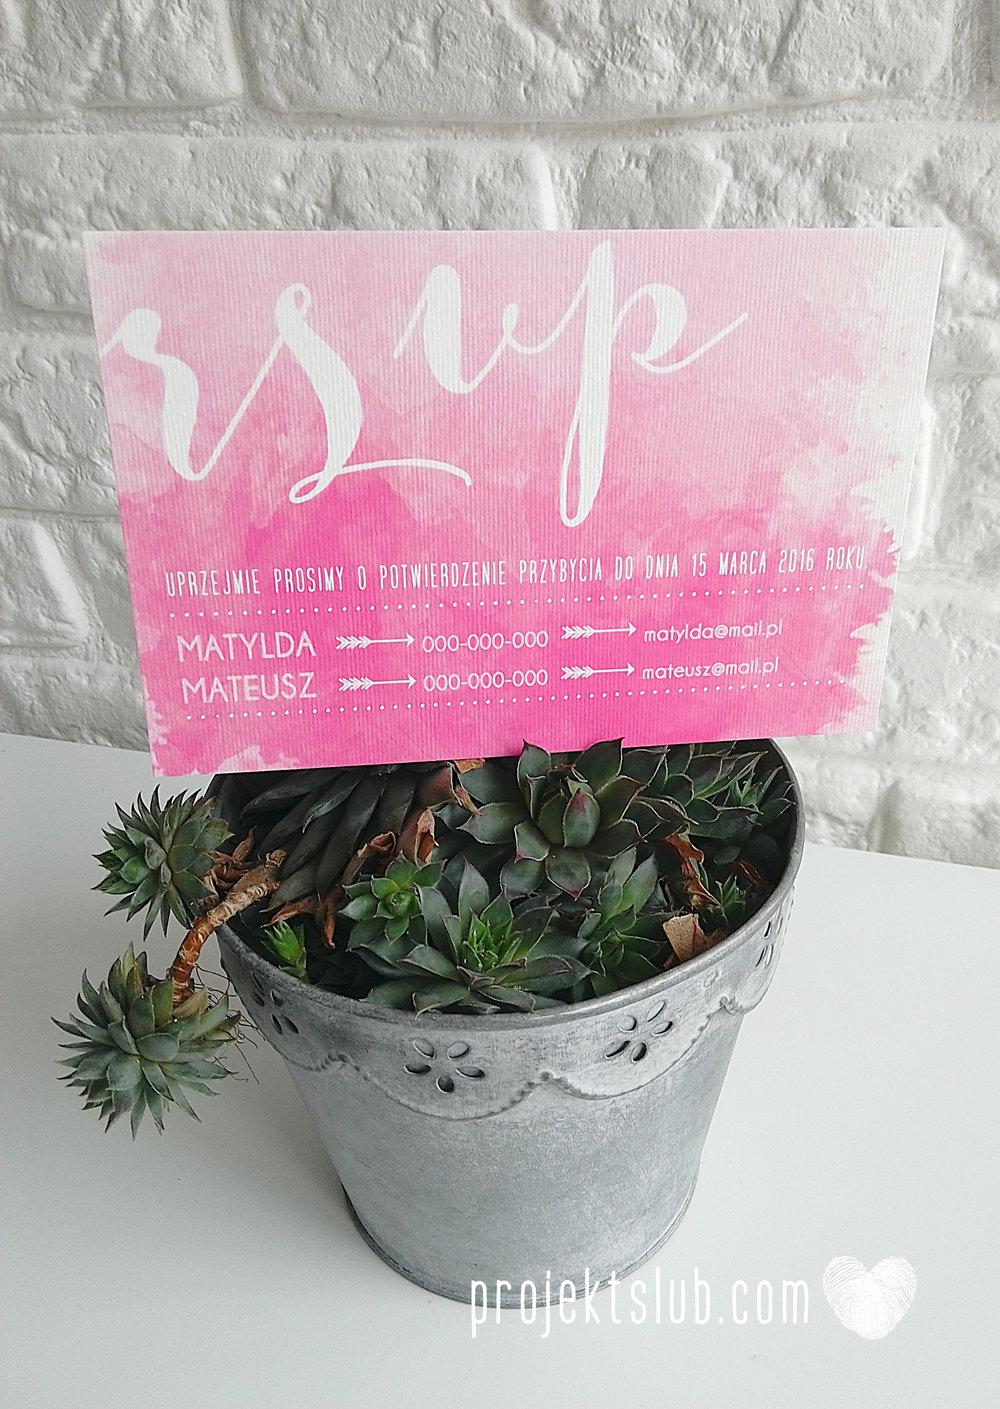 Zaproszenia Ślubne Boho Rustic Eko Oryginalne Wyjątkowe Rustykalne Sznurek Akwarelowe Róż Ombre Projekt Ślub (4).jpg